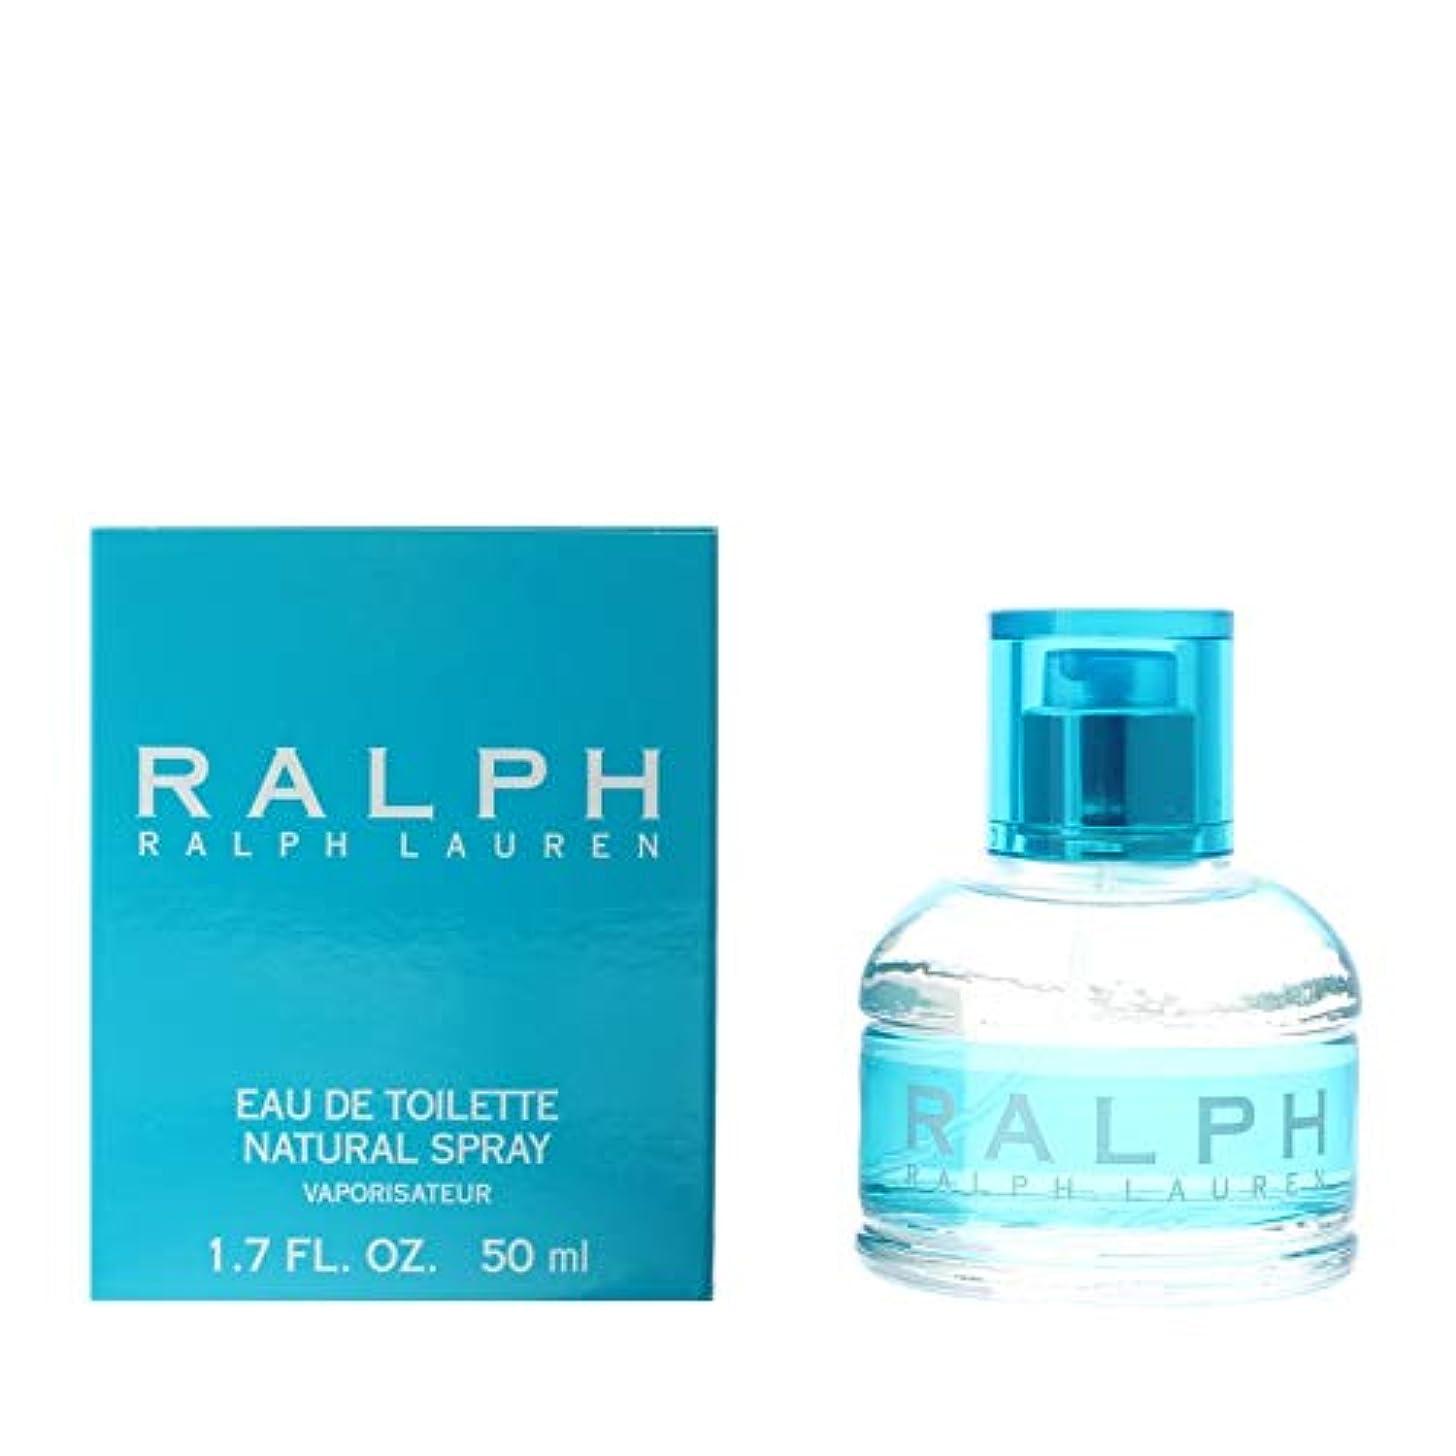 アスレチック敏感な私たちラルフローレン RALPH LAUREN ラルフ 50ml EDT オードトワレスプレー